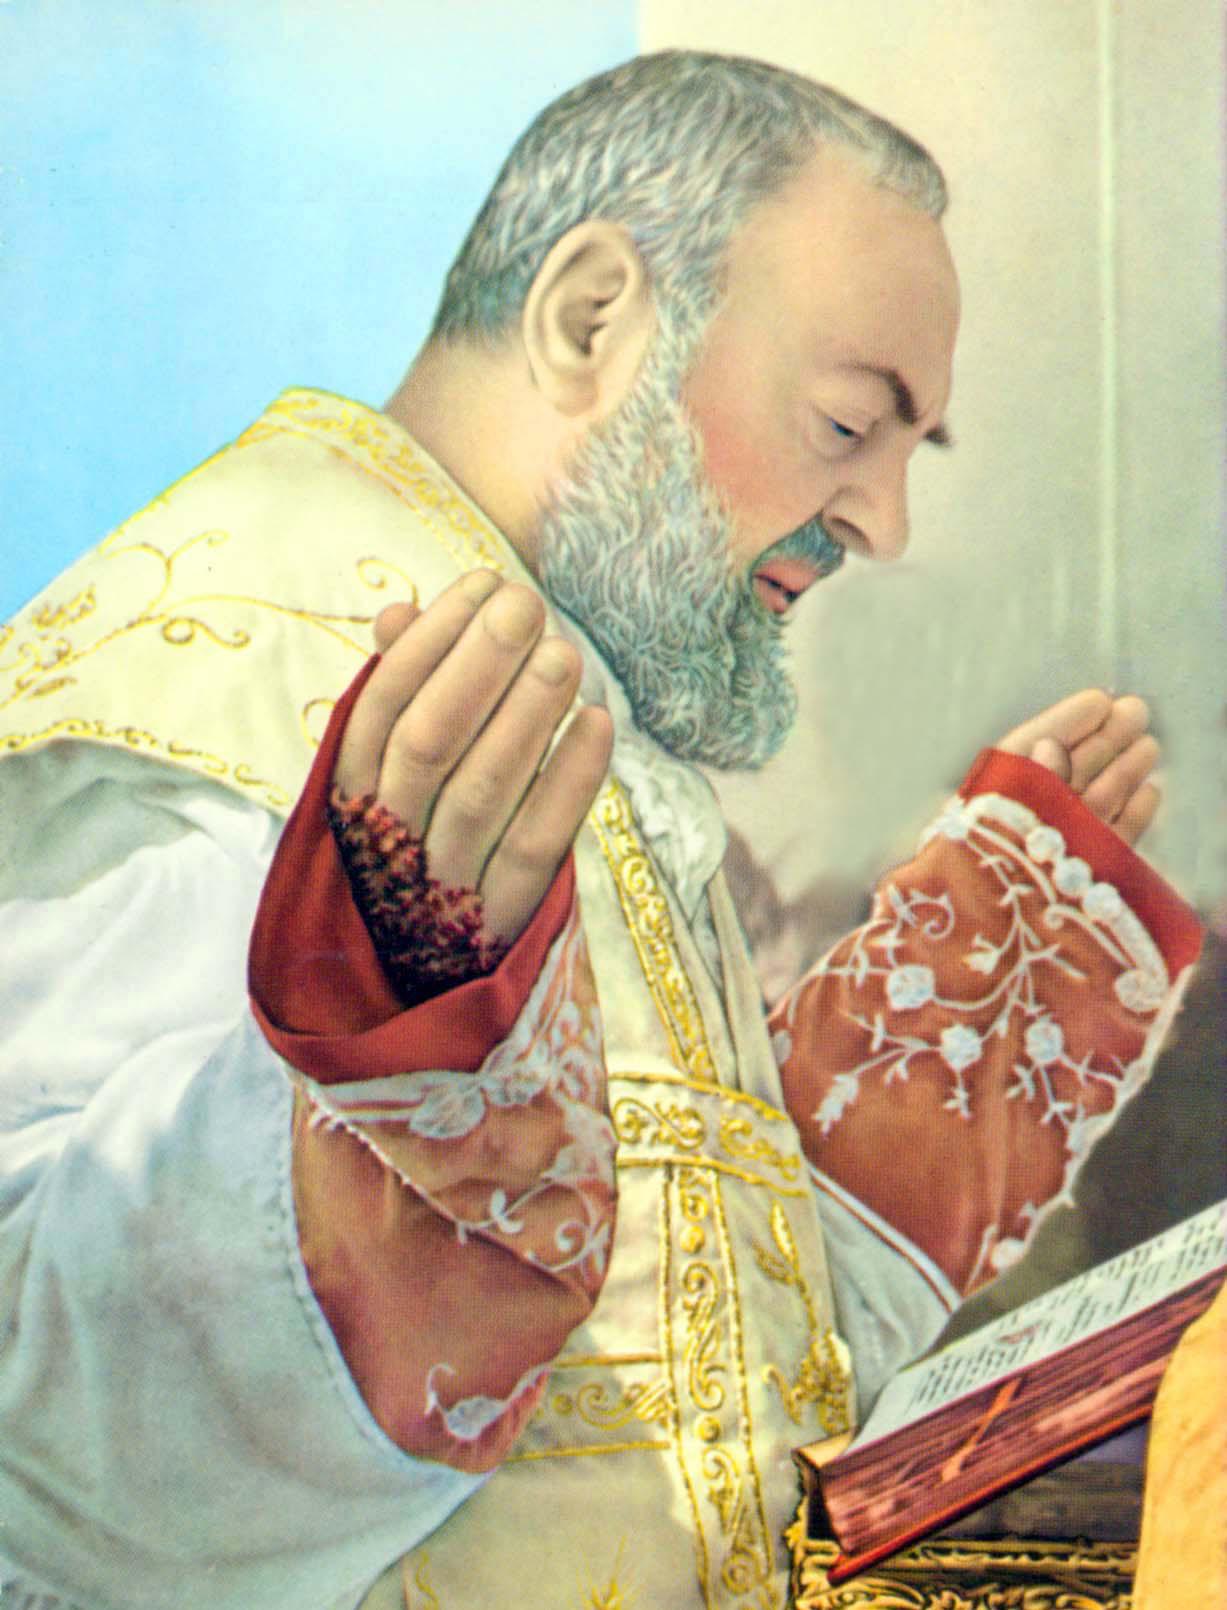 """<a href=""""der-heilige-pio-von-pietrelcina/"""" title=""""Der Heilige Pio von Pietrelcina"""">Der Heilige Pio von Pietrelcina<br></a>"""